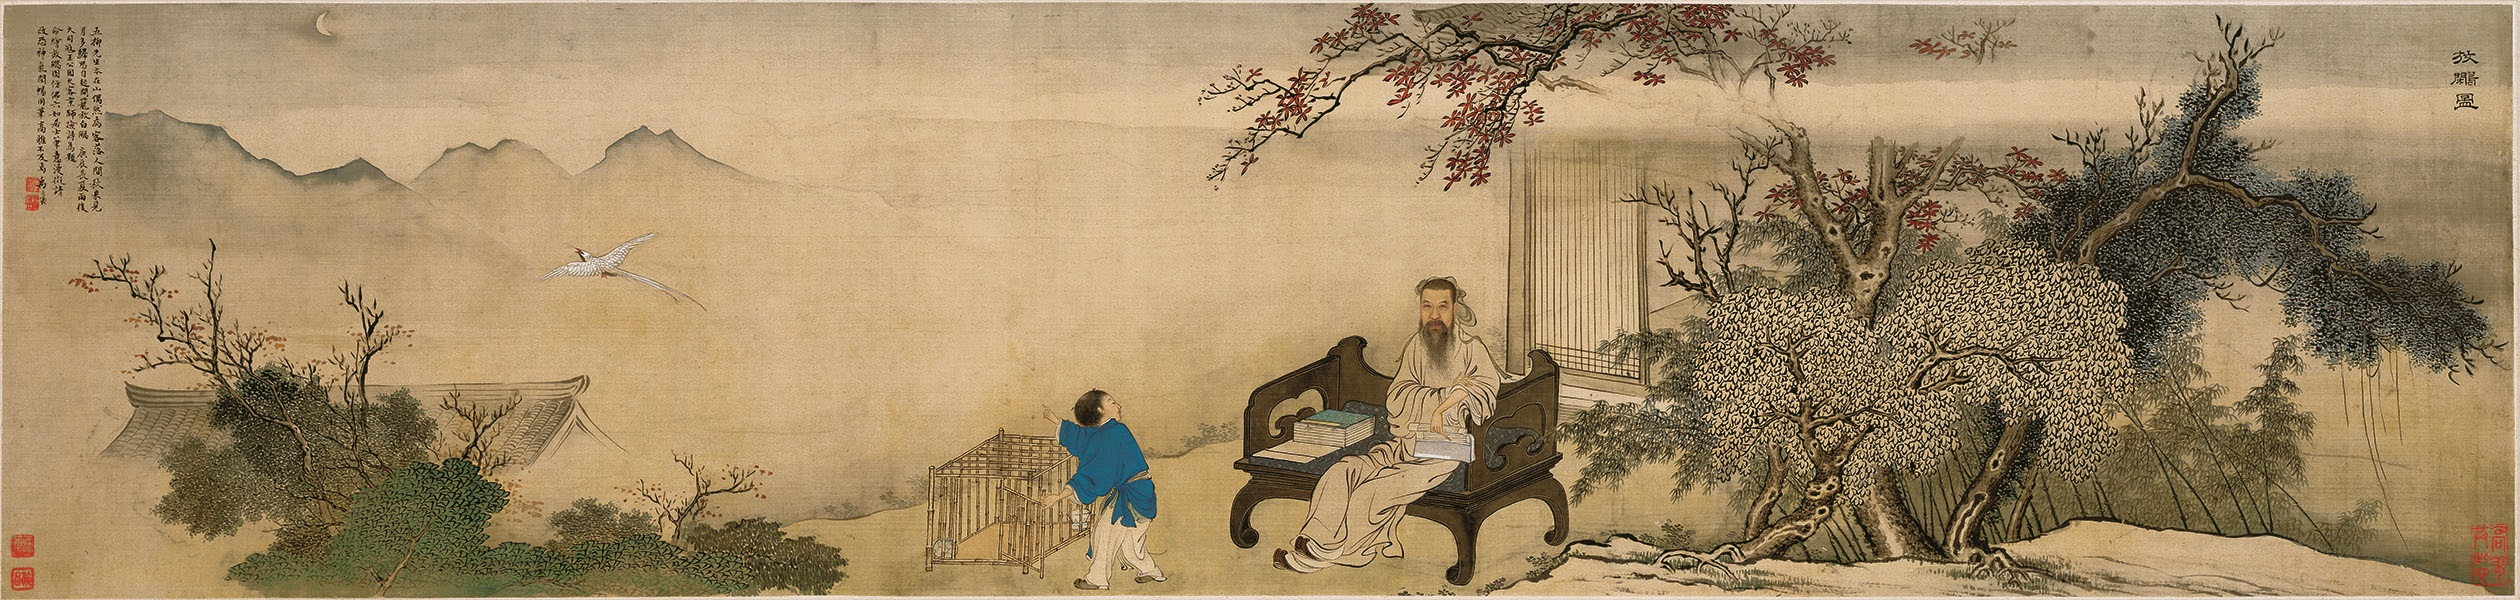 Wang Shizhen Freeing Bird